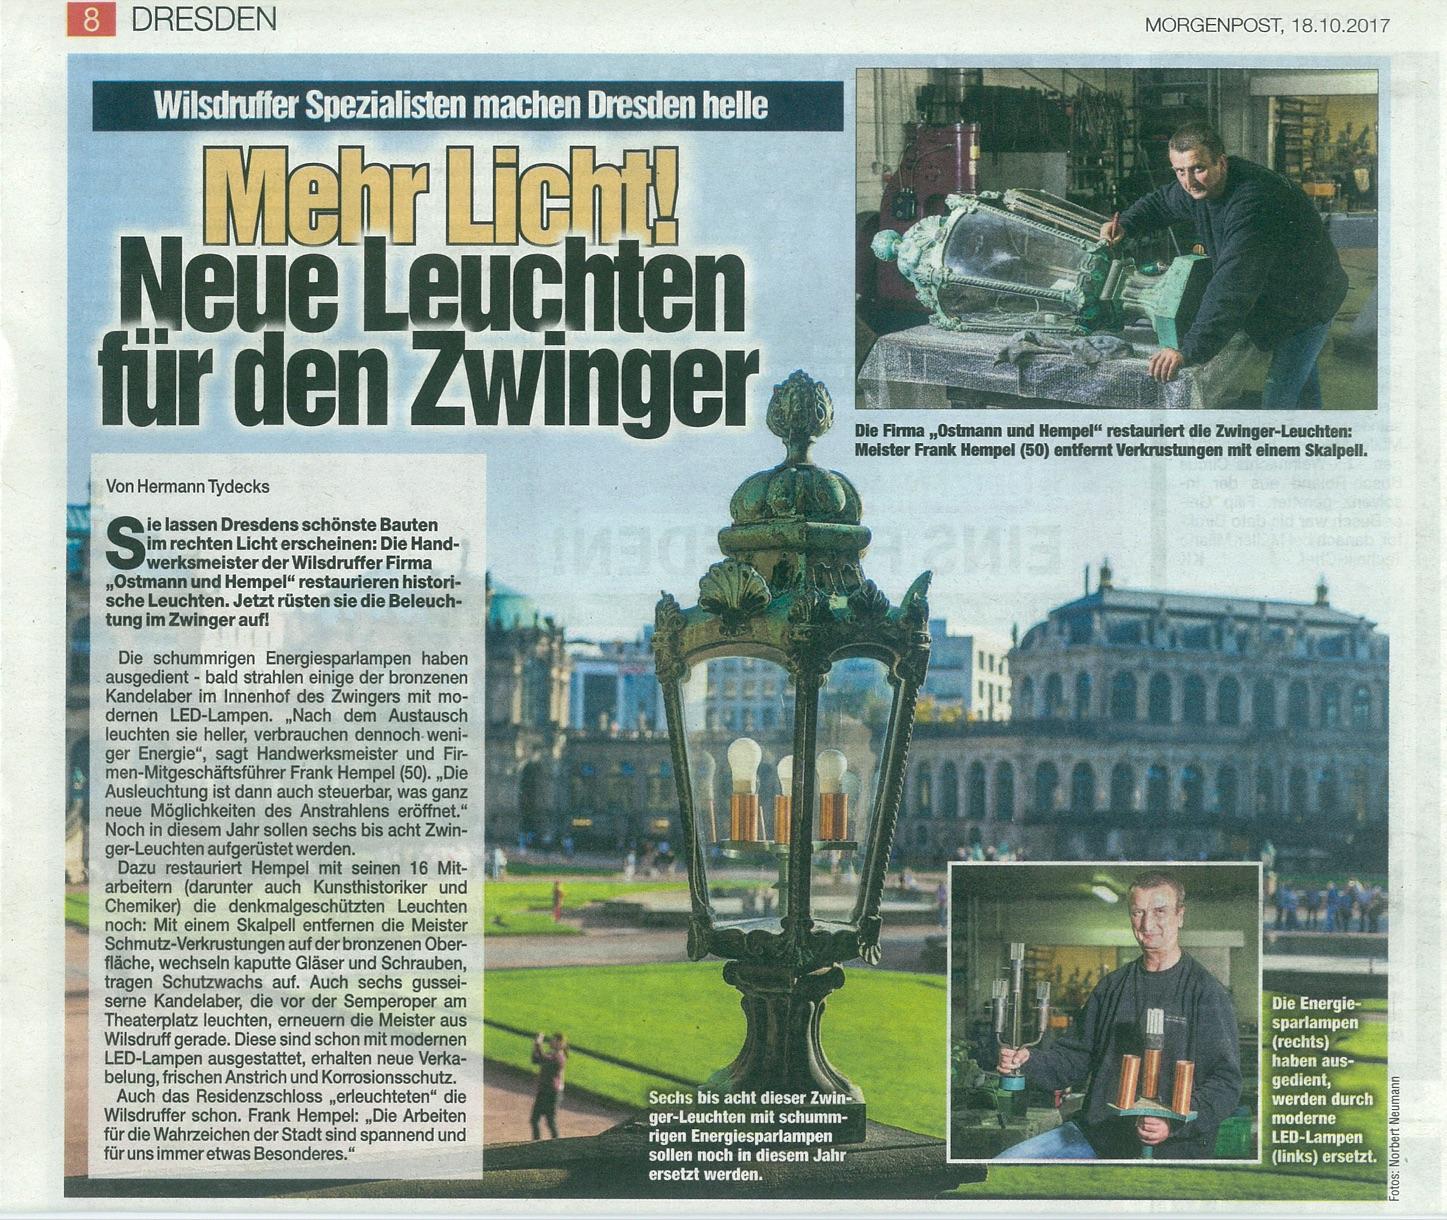 Zeitungsartikel in der Dresdner Morgenpost vom 18.10.2017